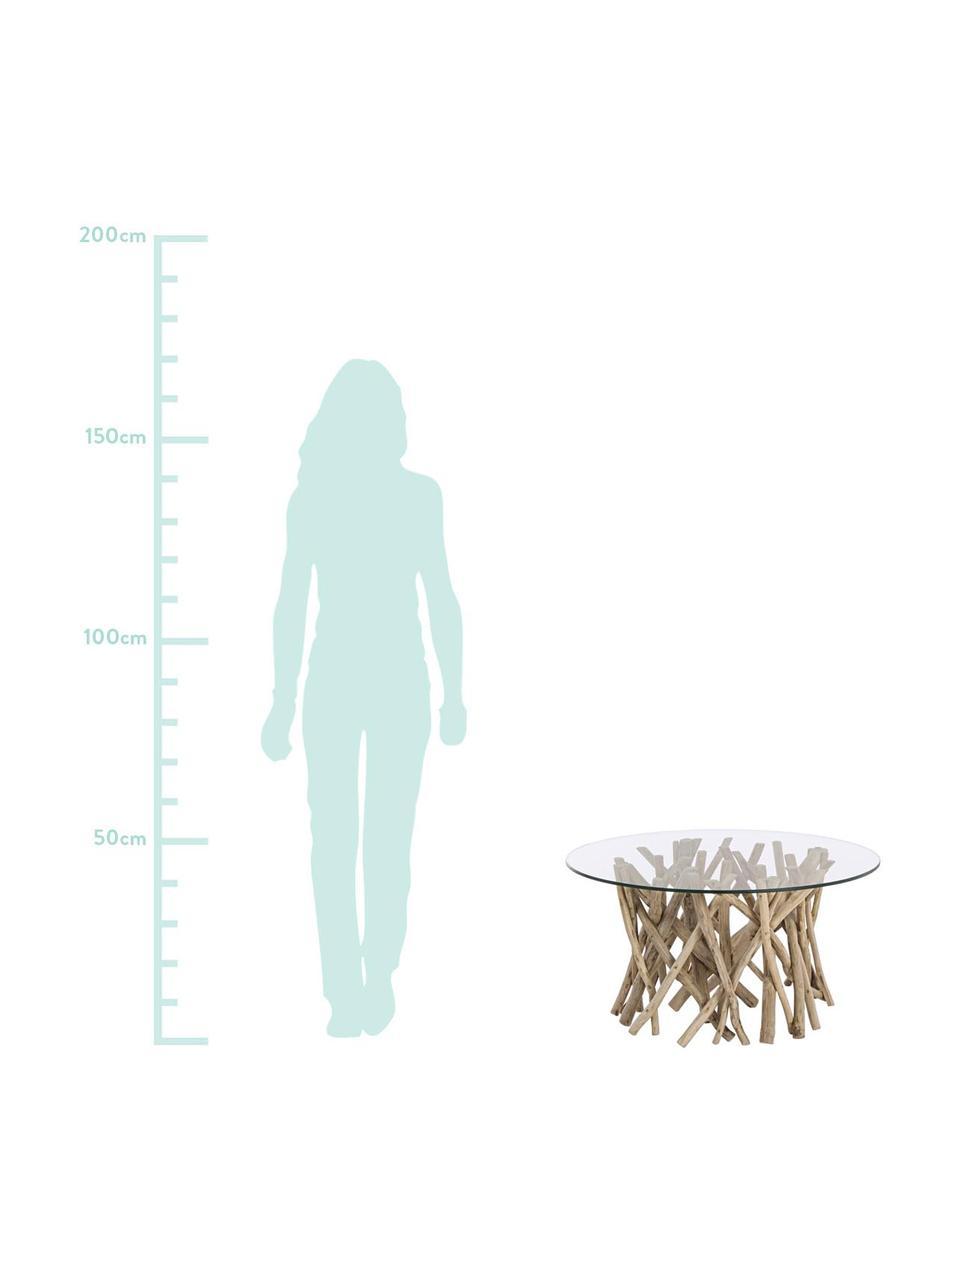 Teakholz-Couchtisch Samira mit Glasplatte, Tischplatte: Gehärtetes Glas, Gestell: Teakholz, gebleicht und g, Tischplatte: TransparentGestell: Teakholz, gebleicht, Antik-Finish, 80 x 40 cm